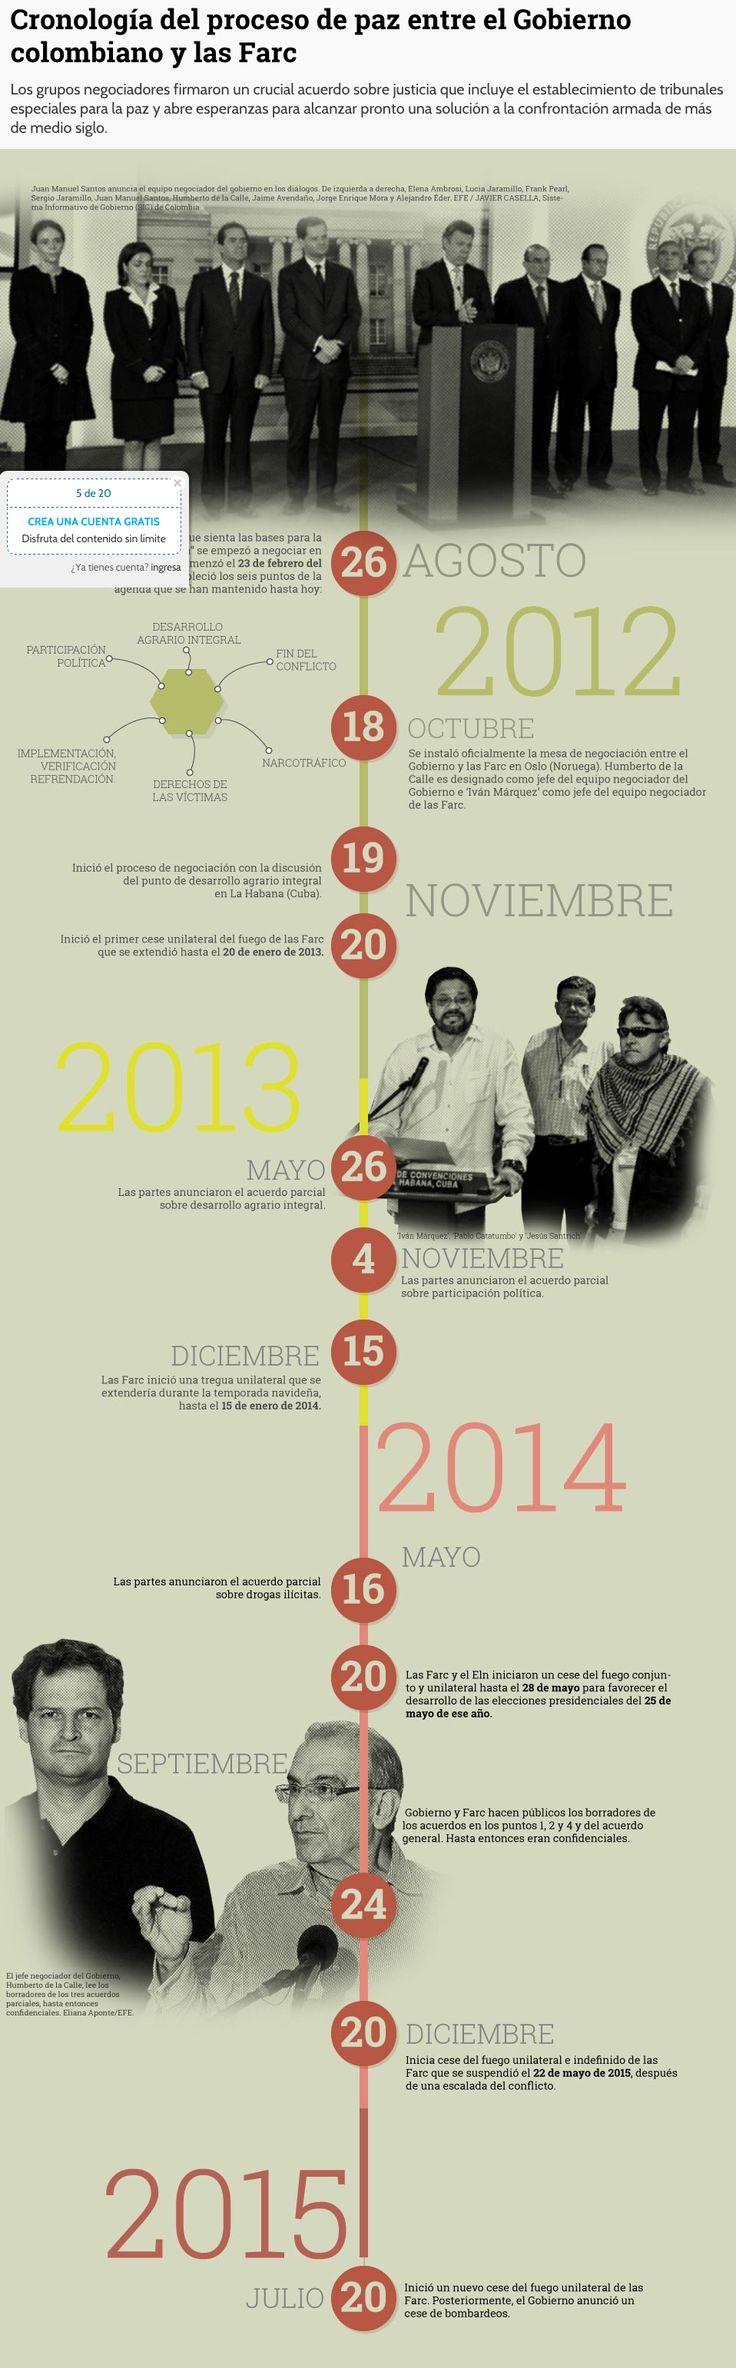 Cronología del proceso de paz entre Colombia y las FARC, infografía vía diario El Tiempo